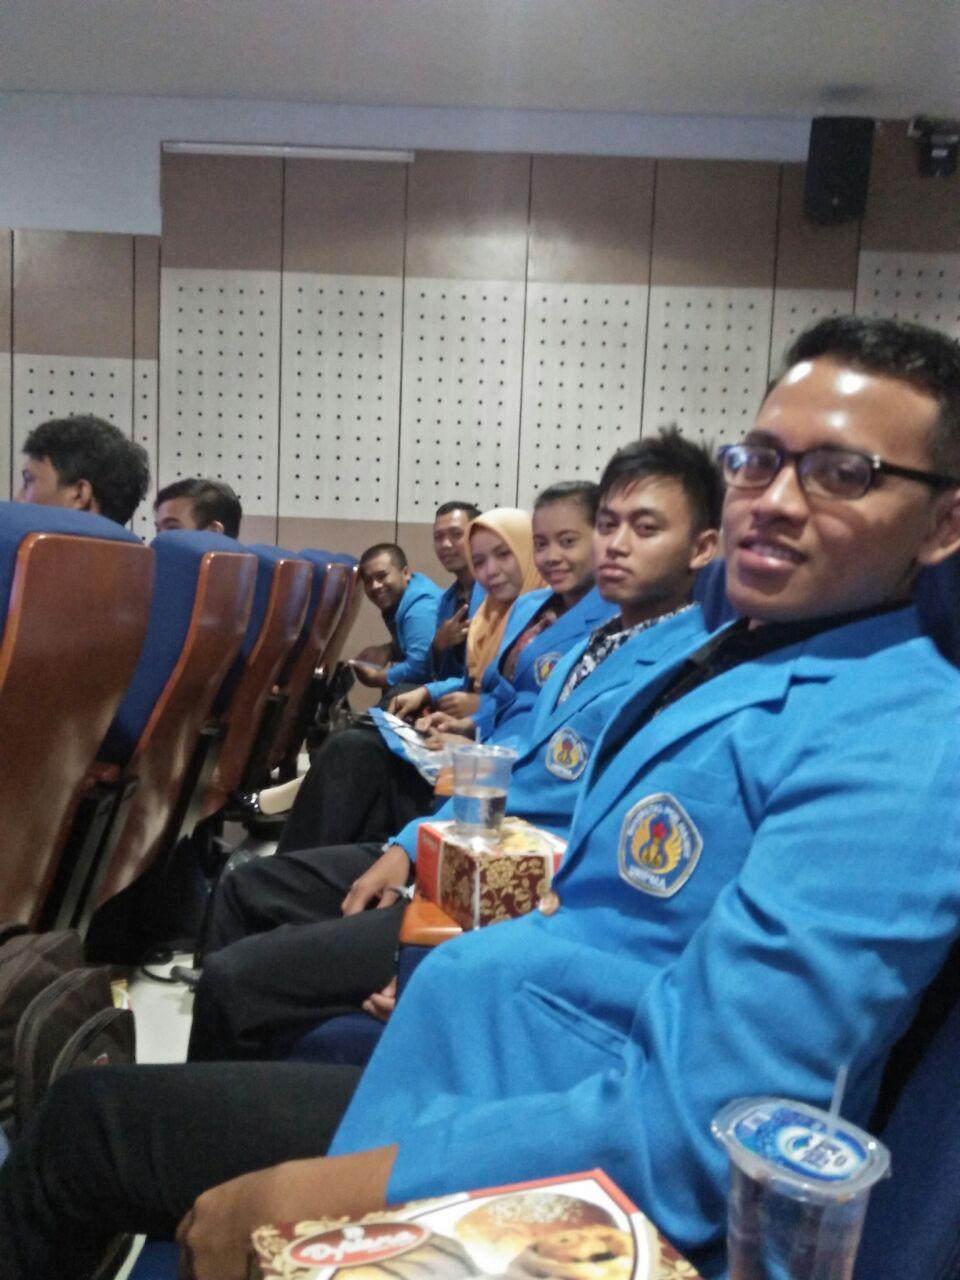 Lomba Media Pembelajaran Ekonomi di Universitas Negeri Semarang